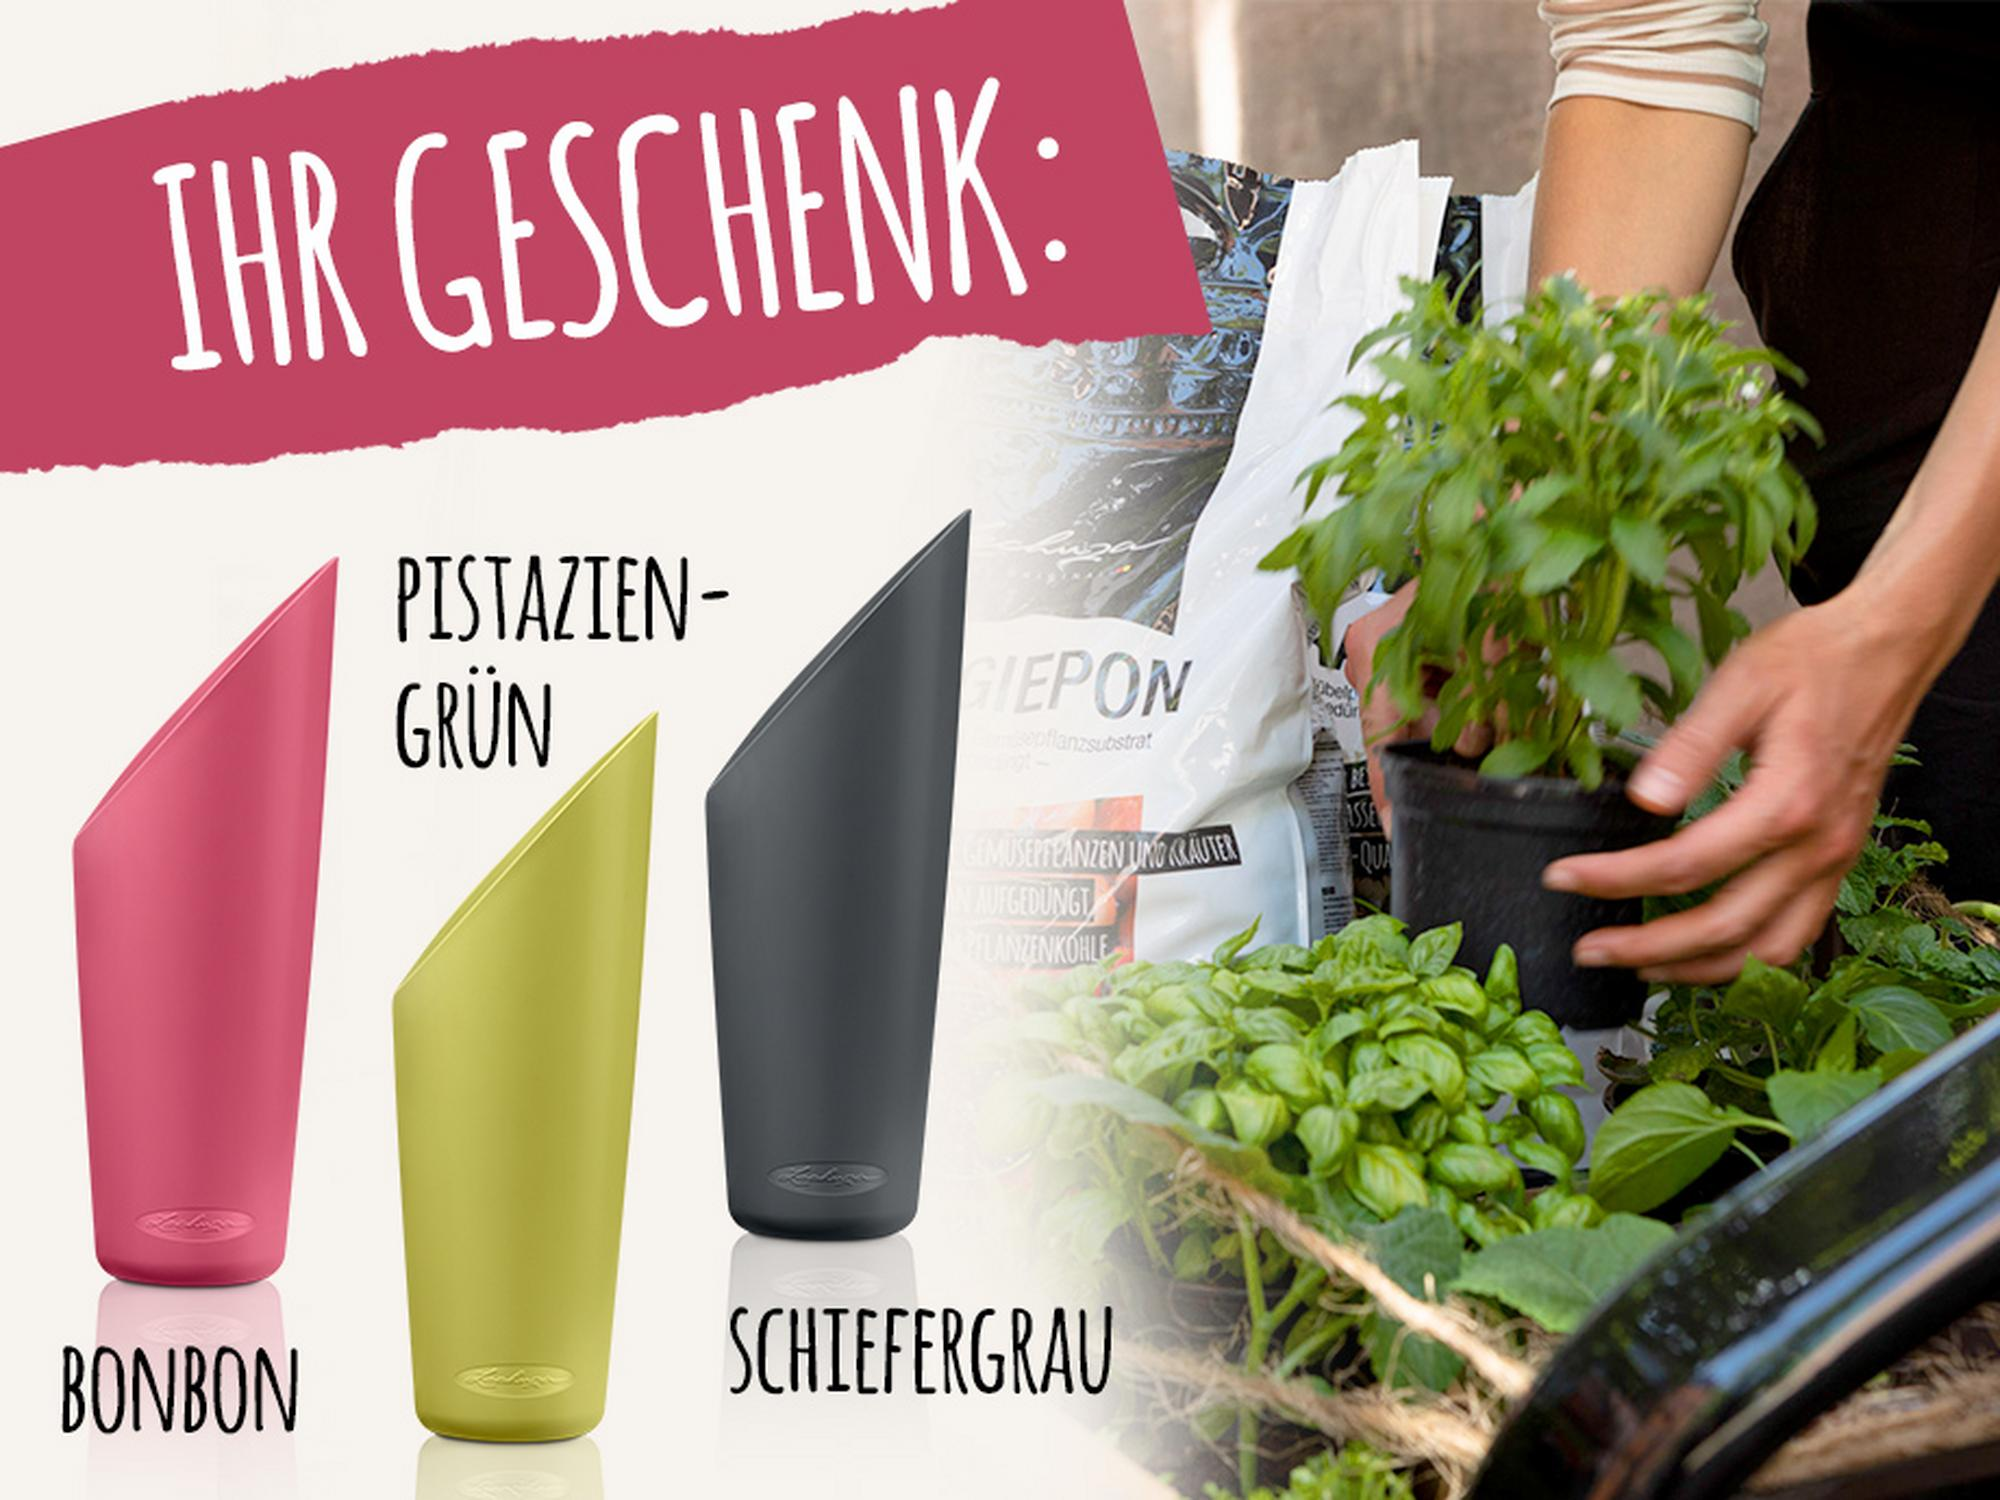 LECHUZA PON Schütte klein ab 49€ gratis dazu!